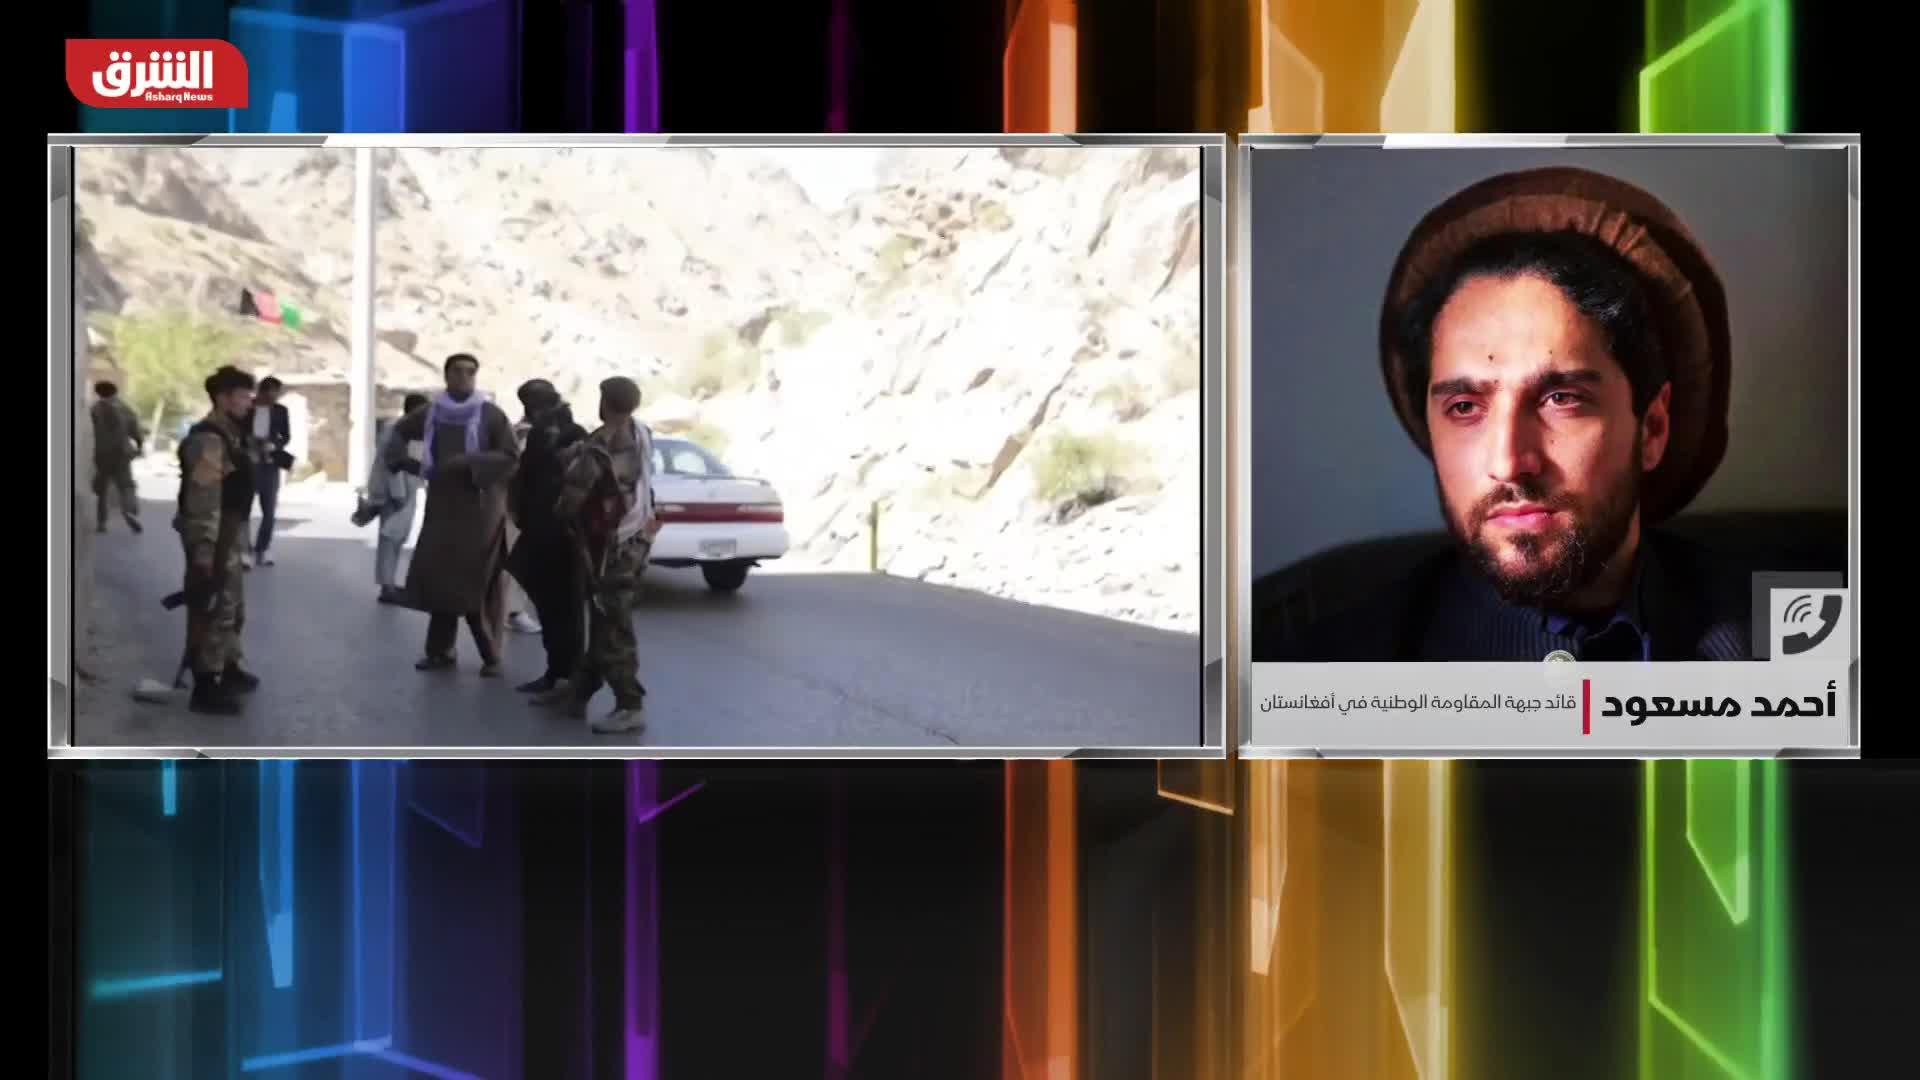 أحمد مسعود / قائد جبهة المقاومة الوطنية في أفغانستان: لا نعترف بحكومة طالبان لأنها غير شرعية